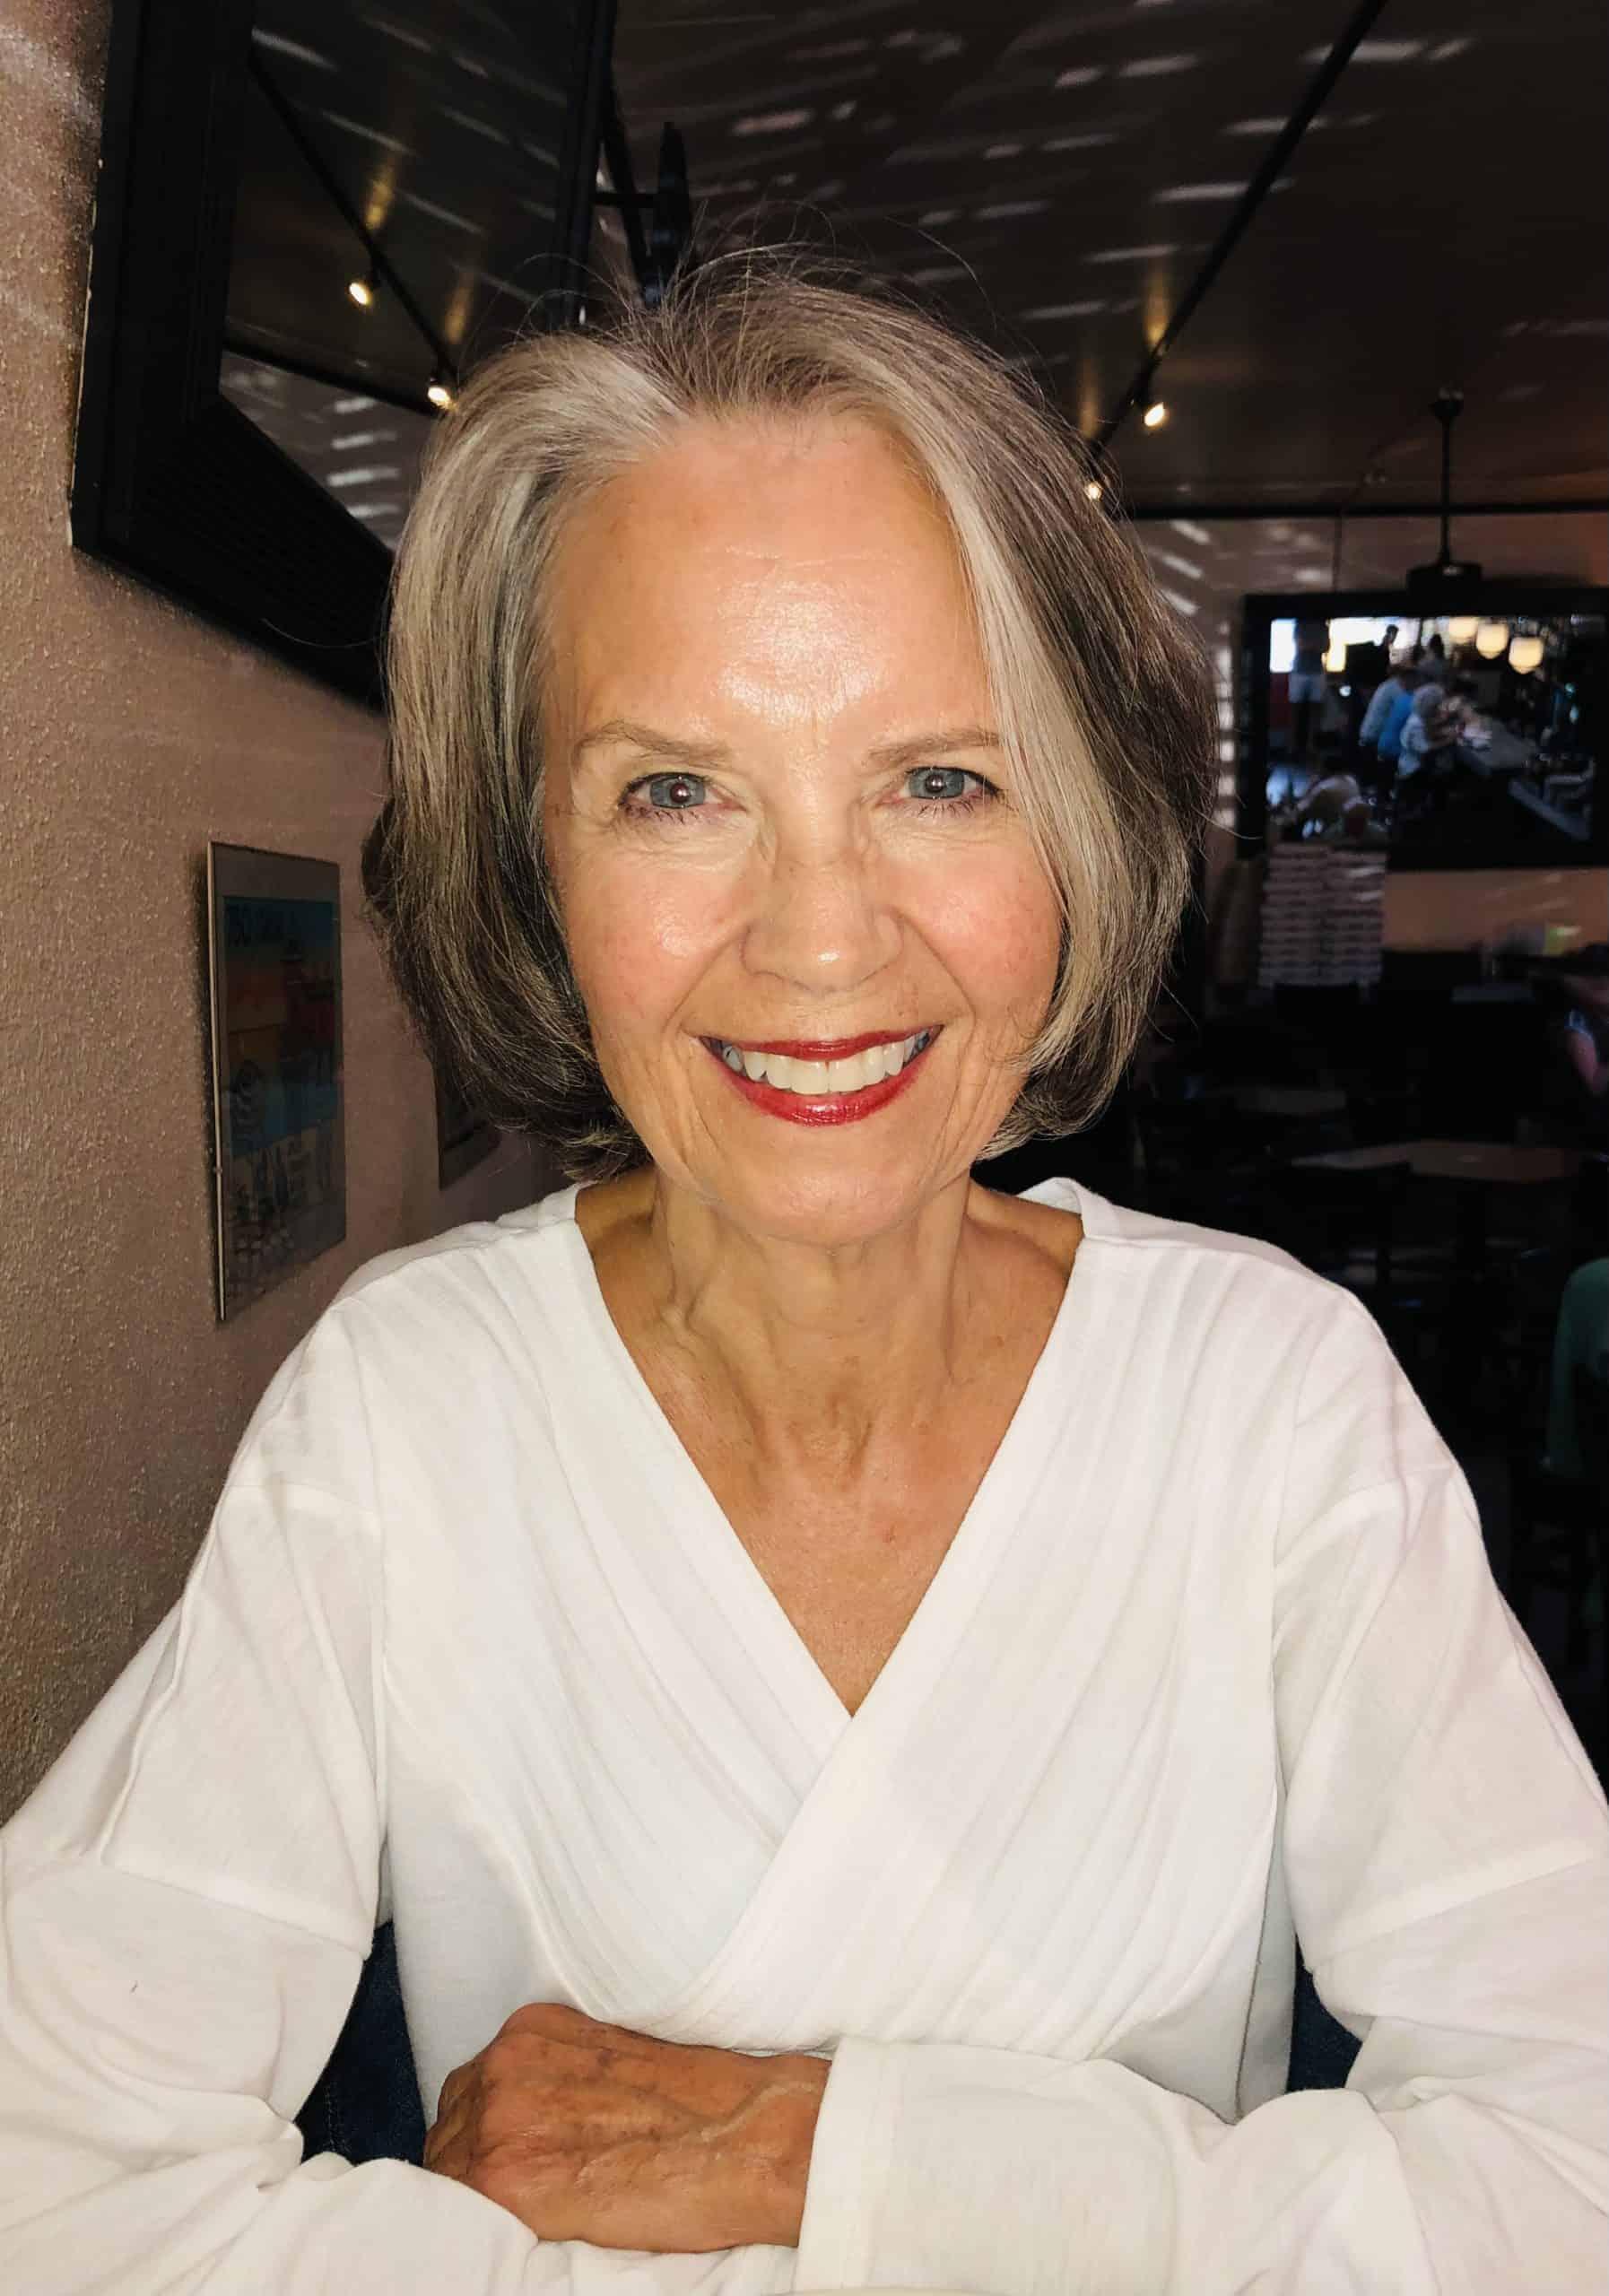 Mary Schnieder CROP ABOVE ELBOWS HeadShot 1